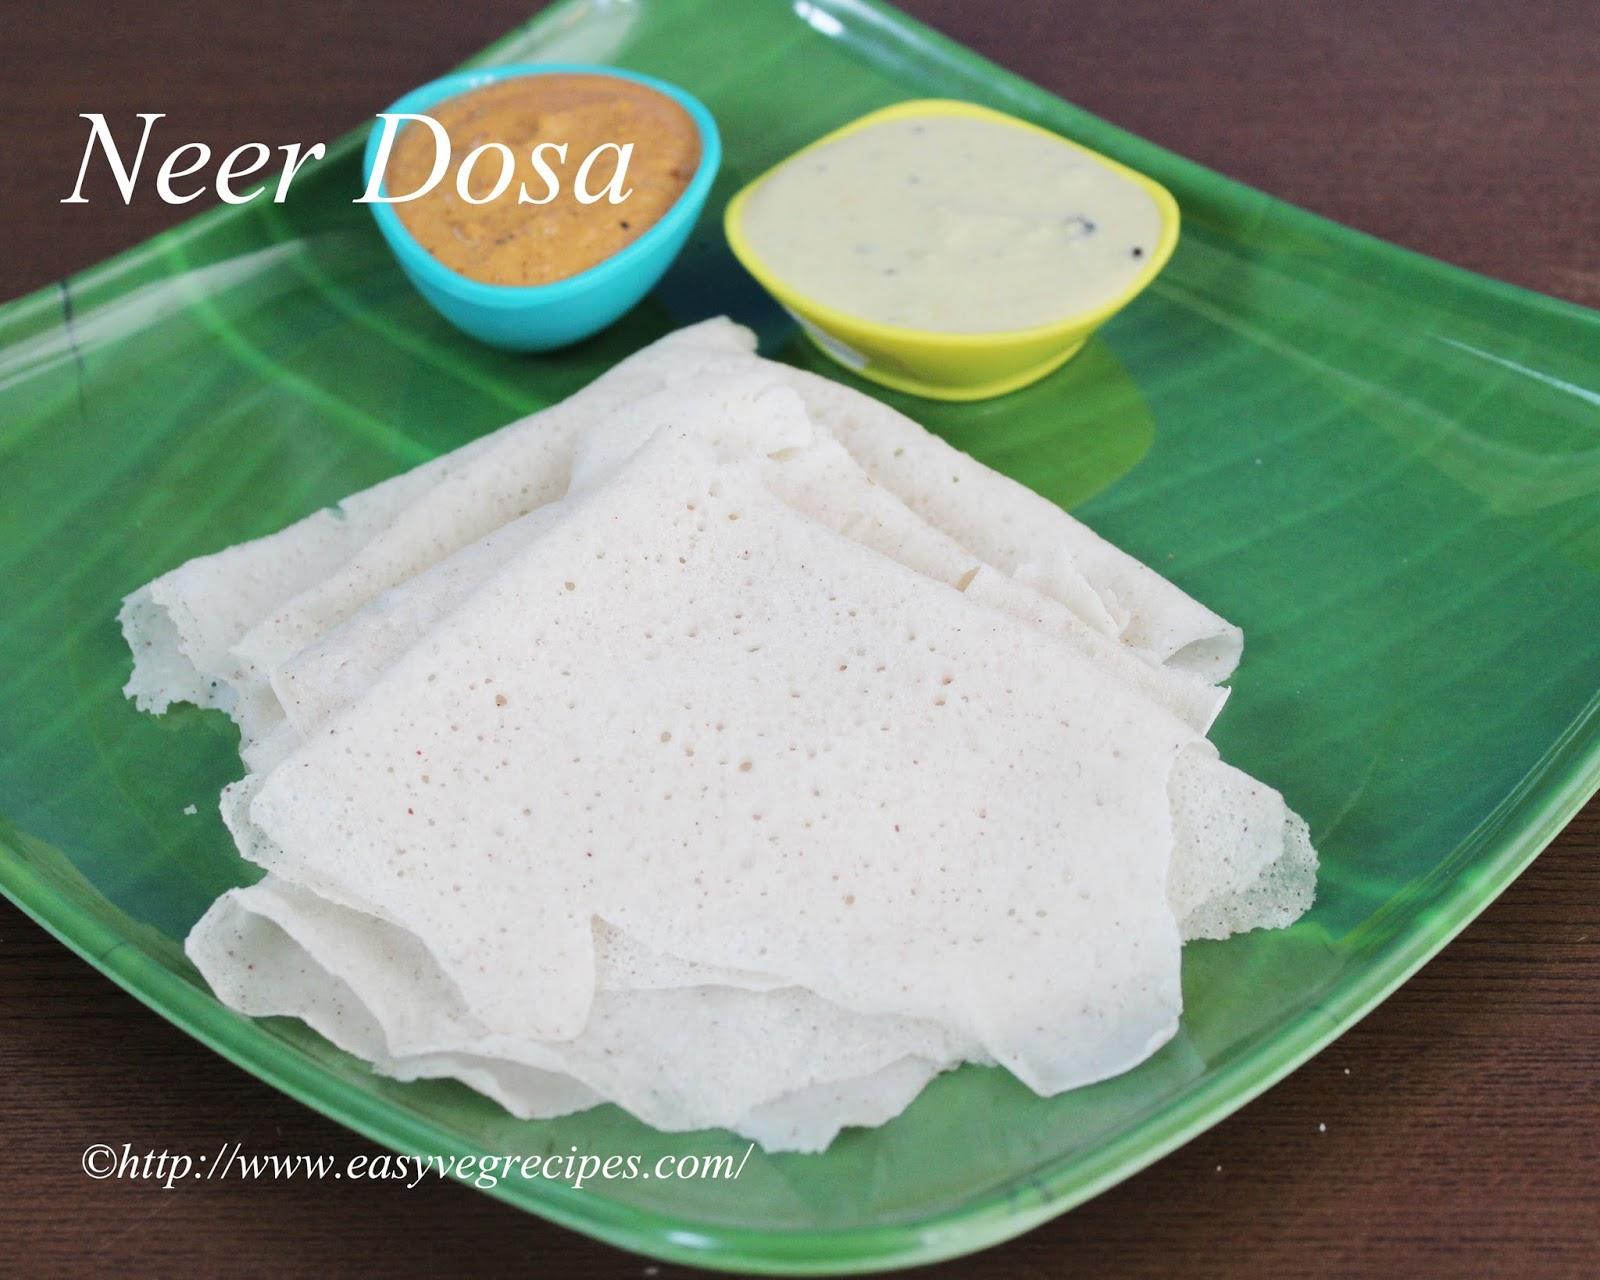 Neer dosa recipe how to make neer dosa neer dose neerdose